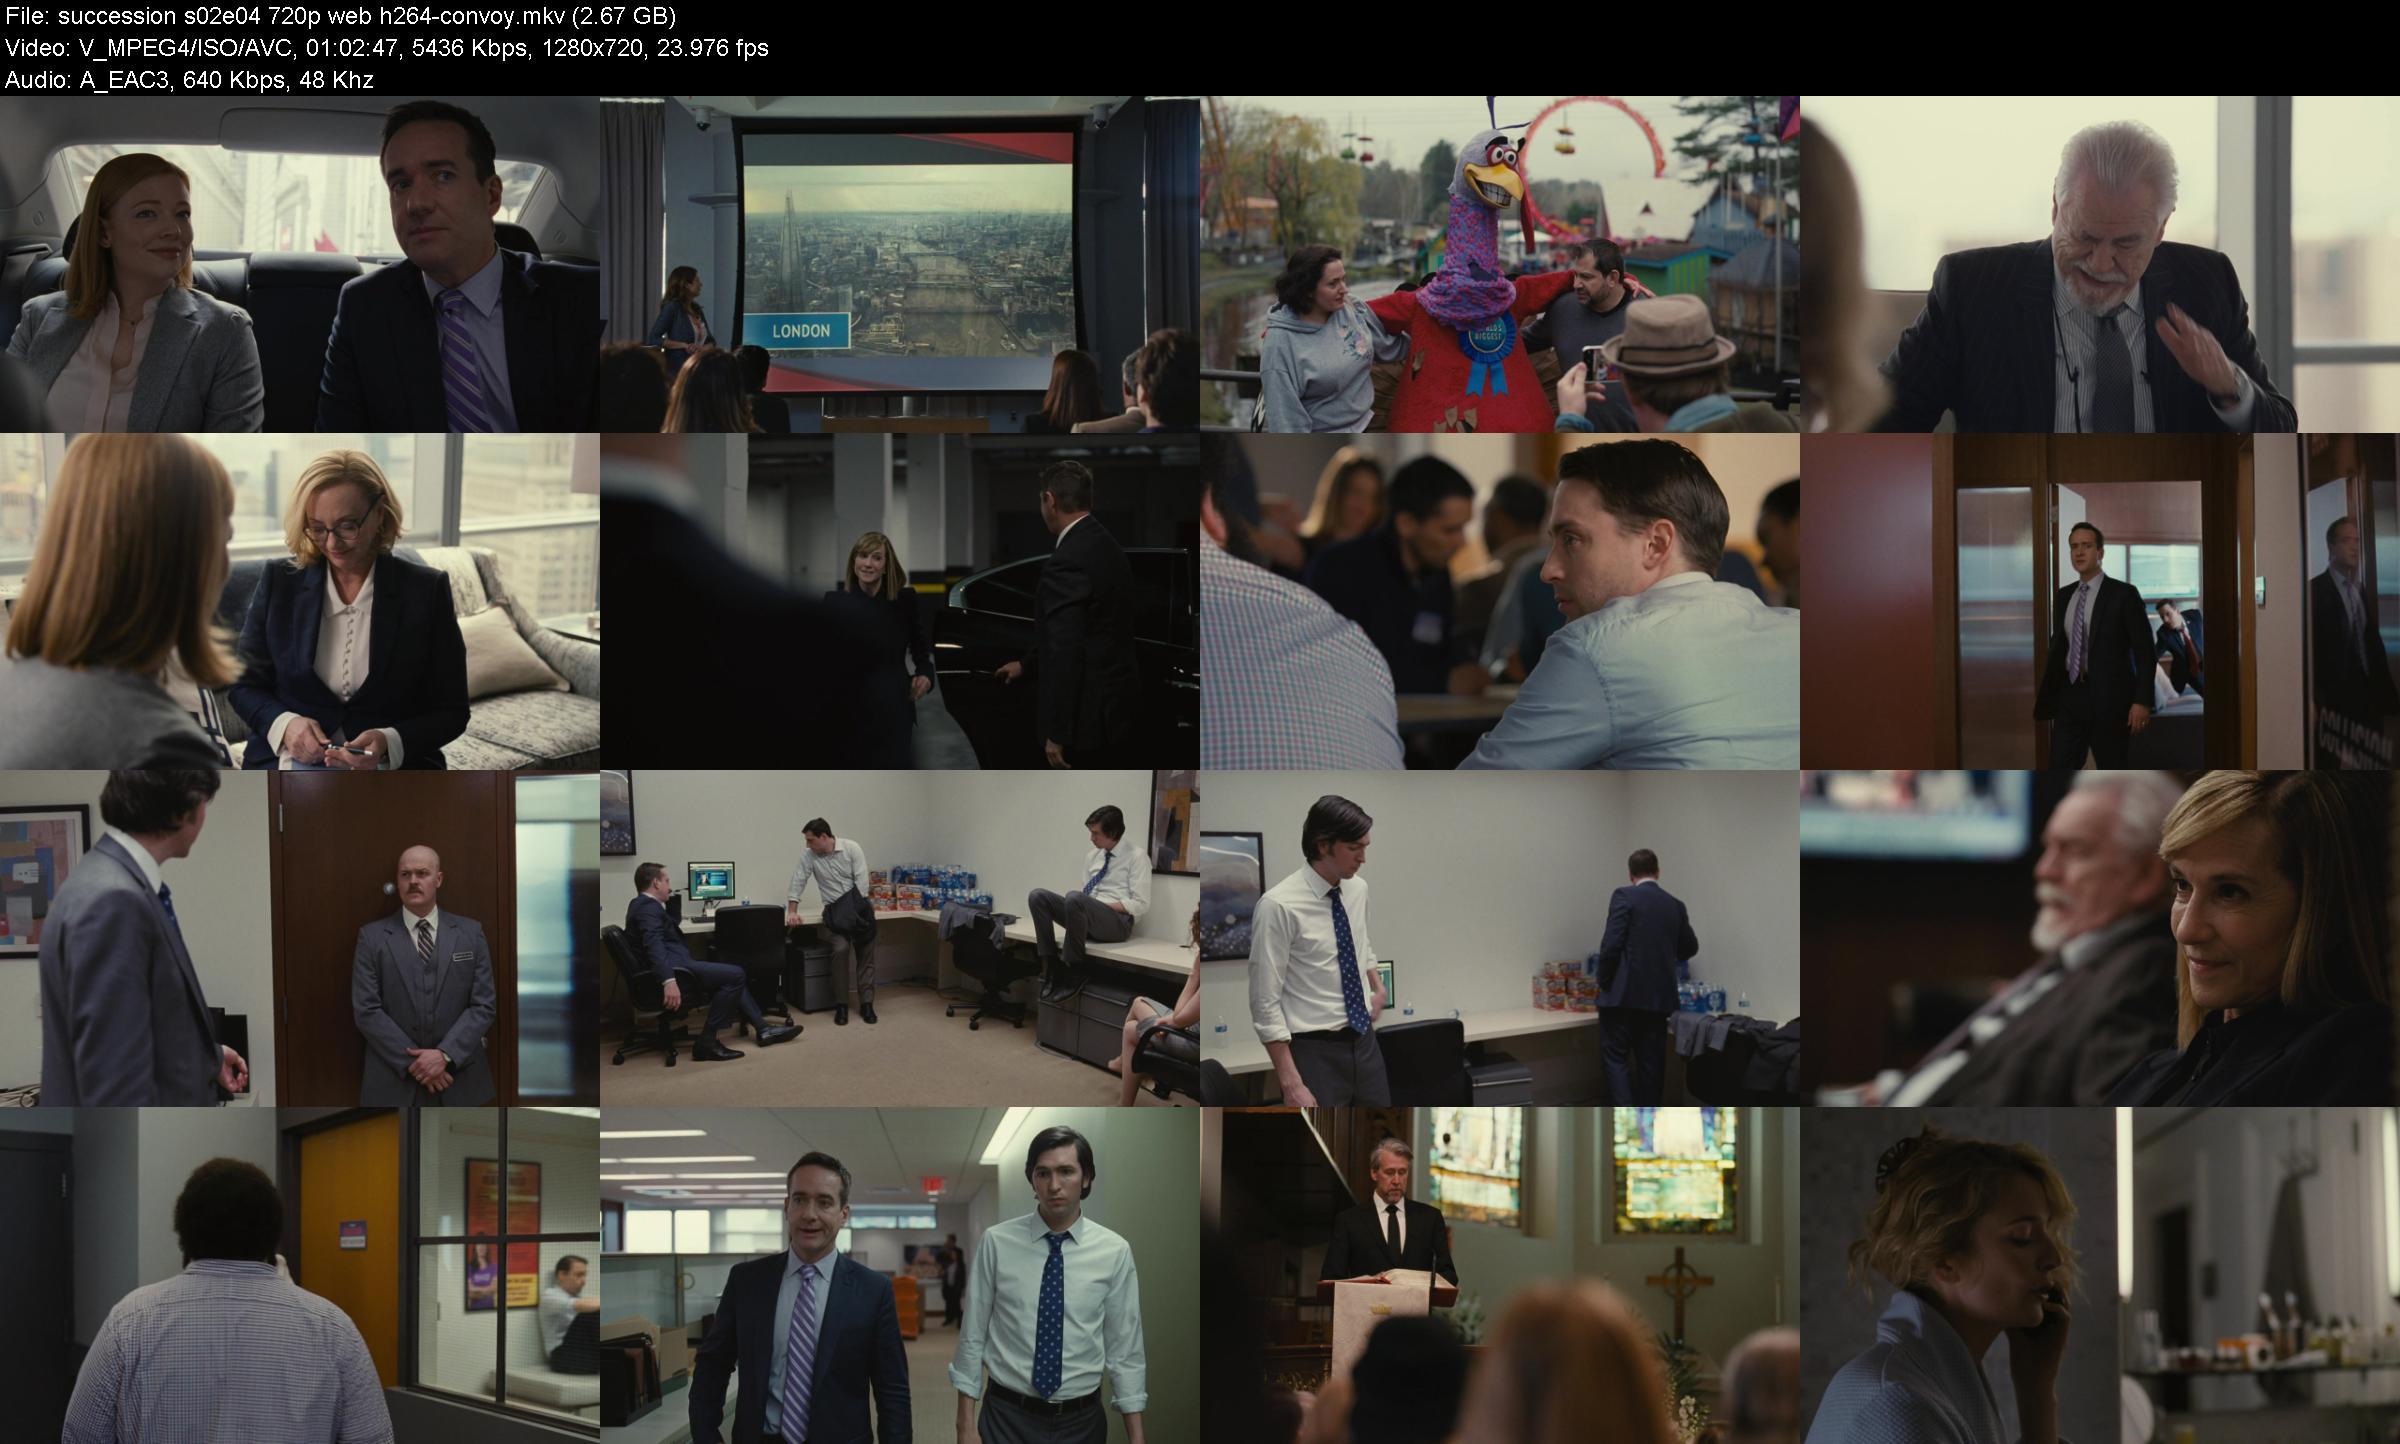 Succession S02E04 720p WEB h264-CONVOY